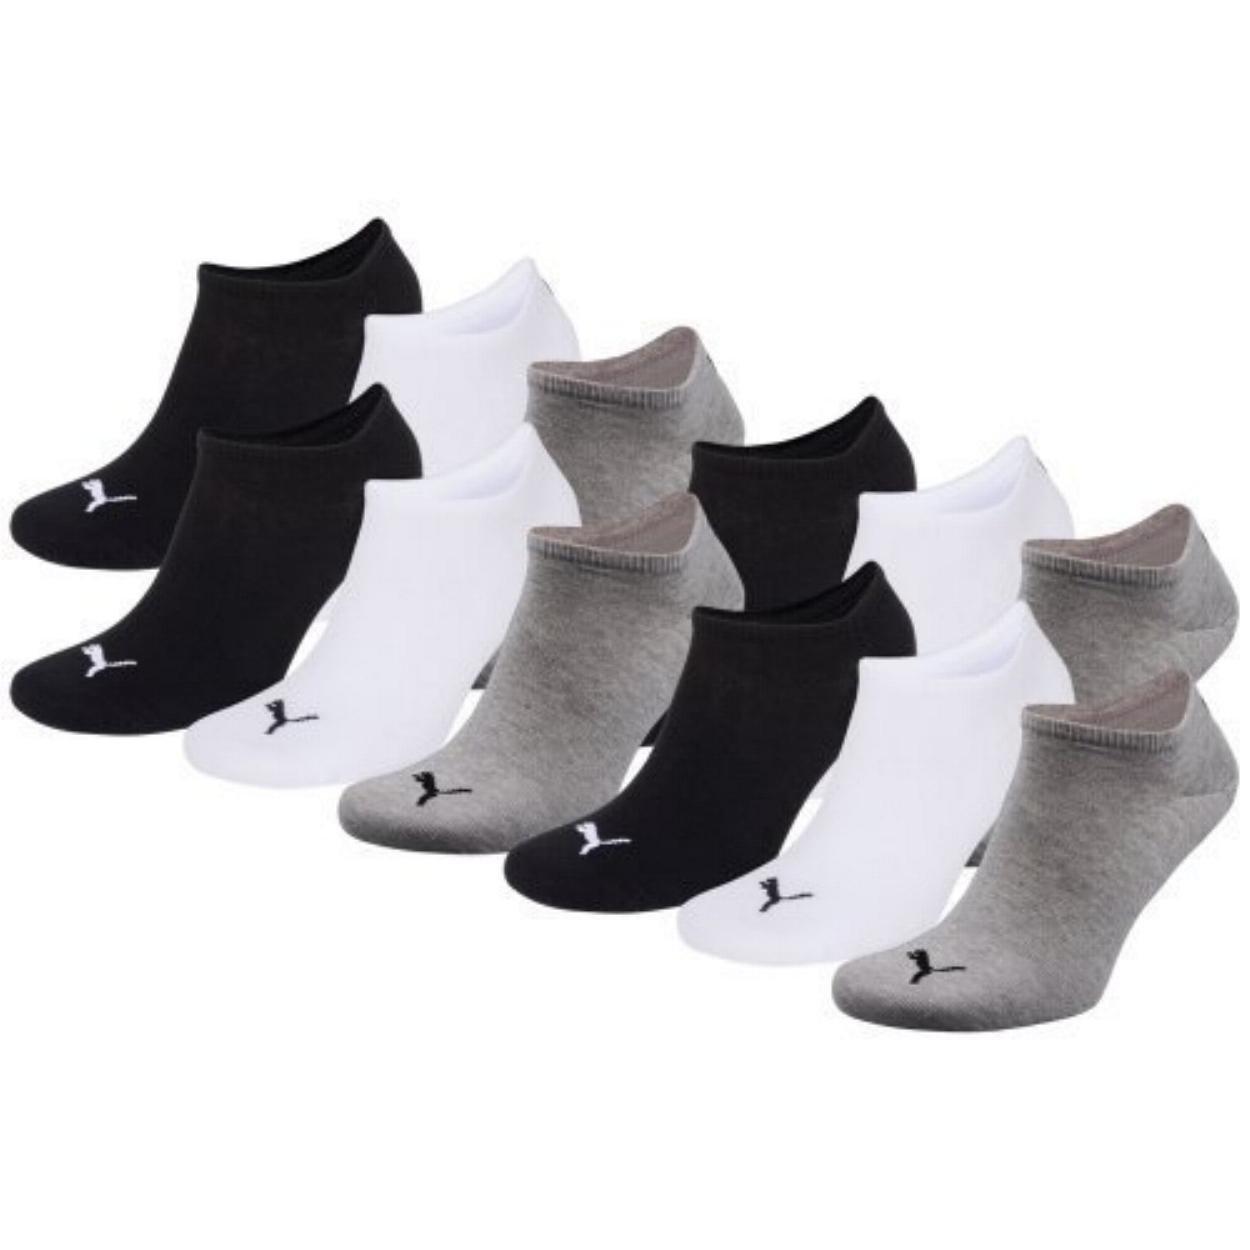 Puma Unisex Sneakers Sport Calzini, 6 paia di calzini Grey/White/Black (882) 39 6paia di calzini Grey/White/Black (882) 39